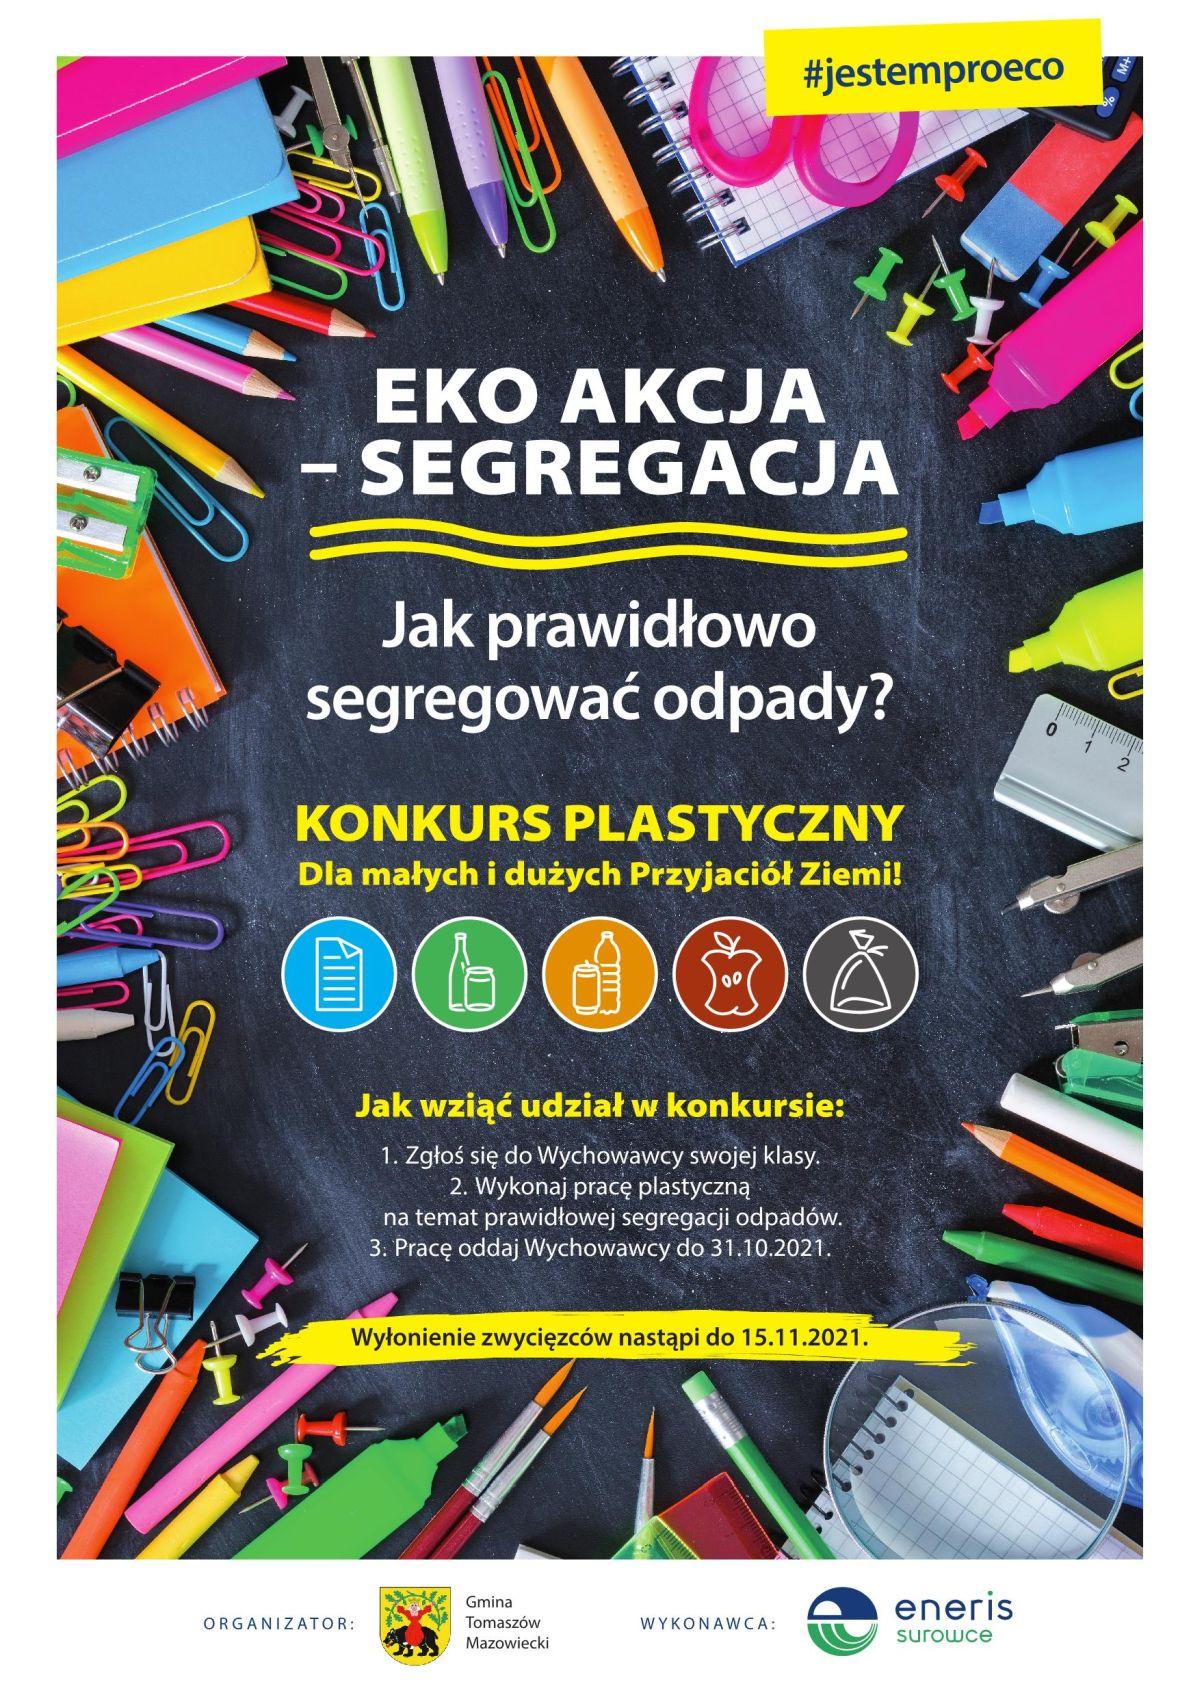 Konkurs-Eko-akcja-segregacja-Plakat-A3_1.jpg